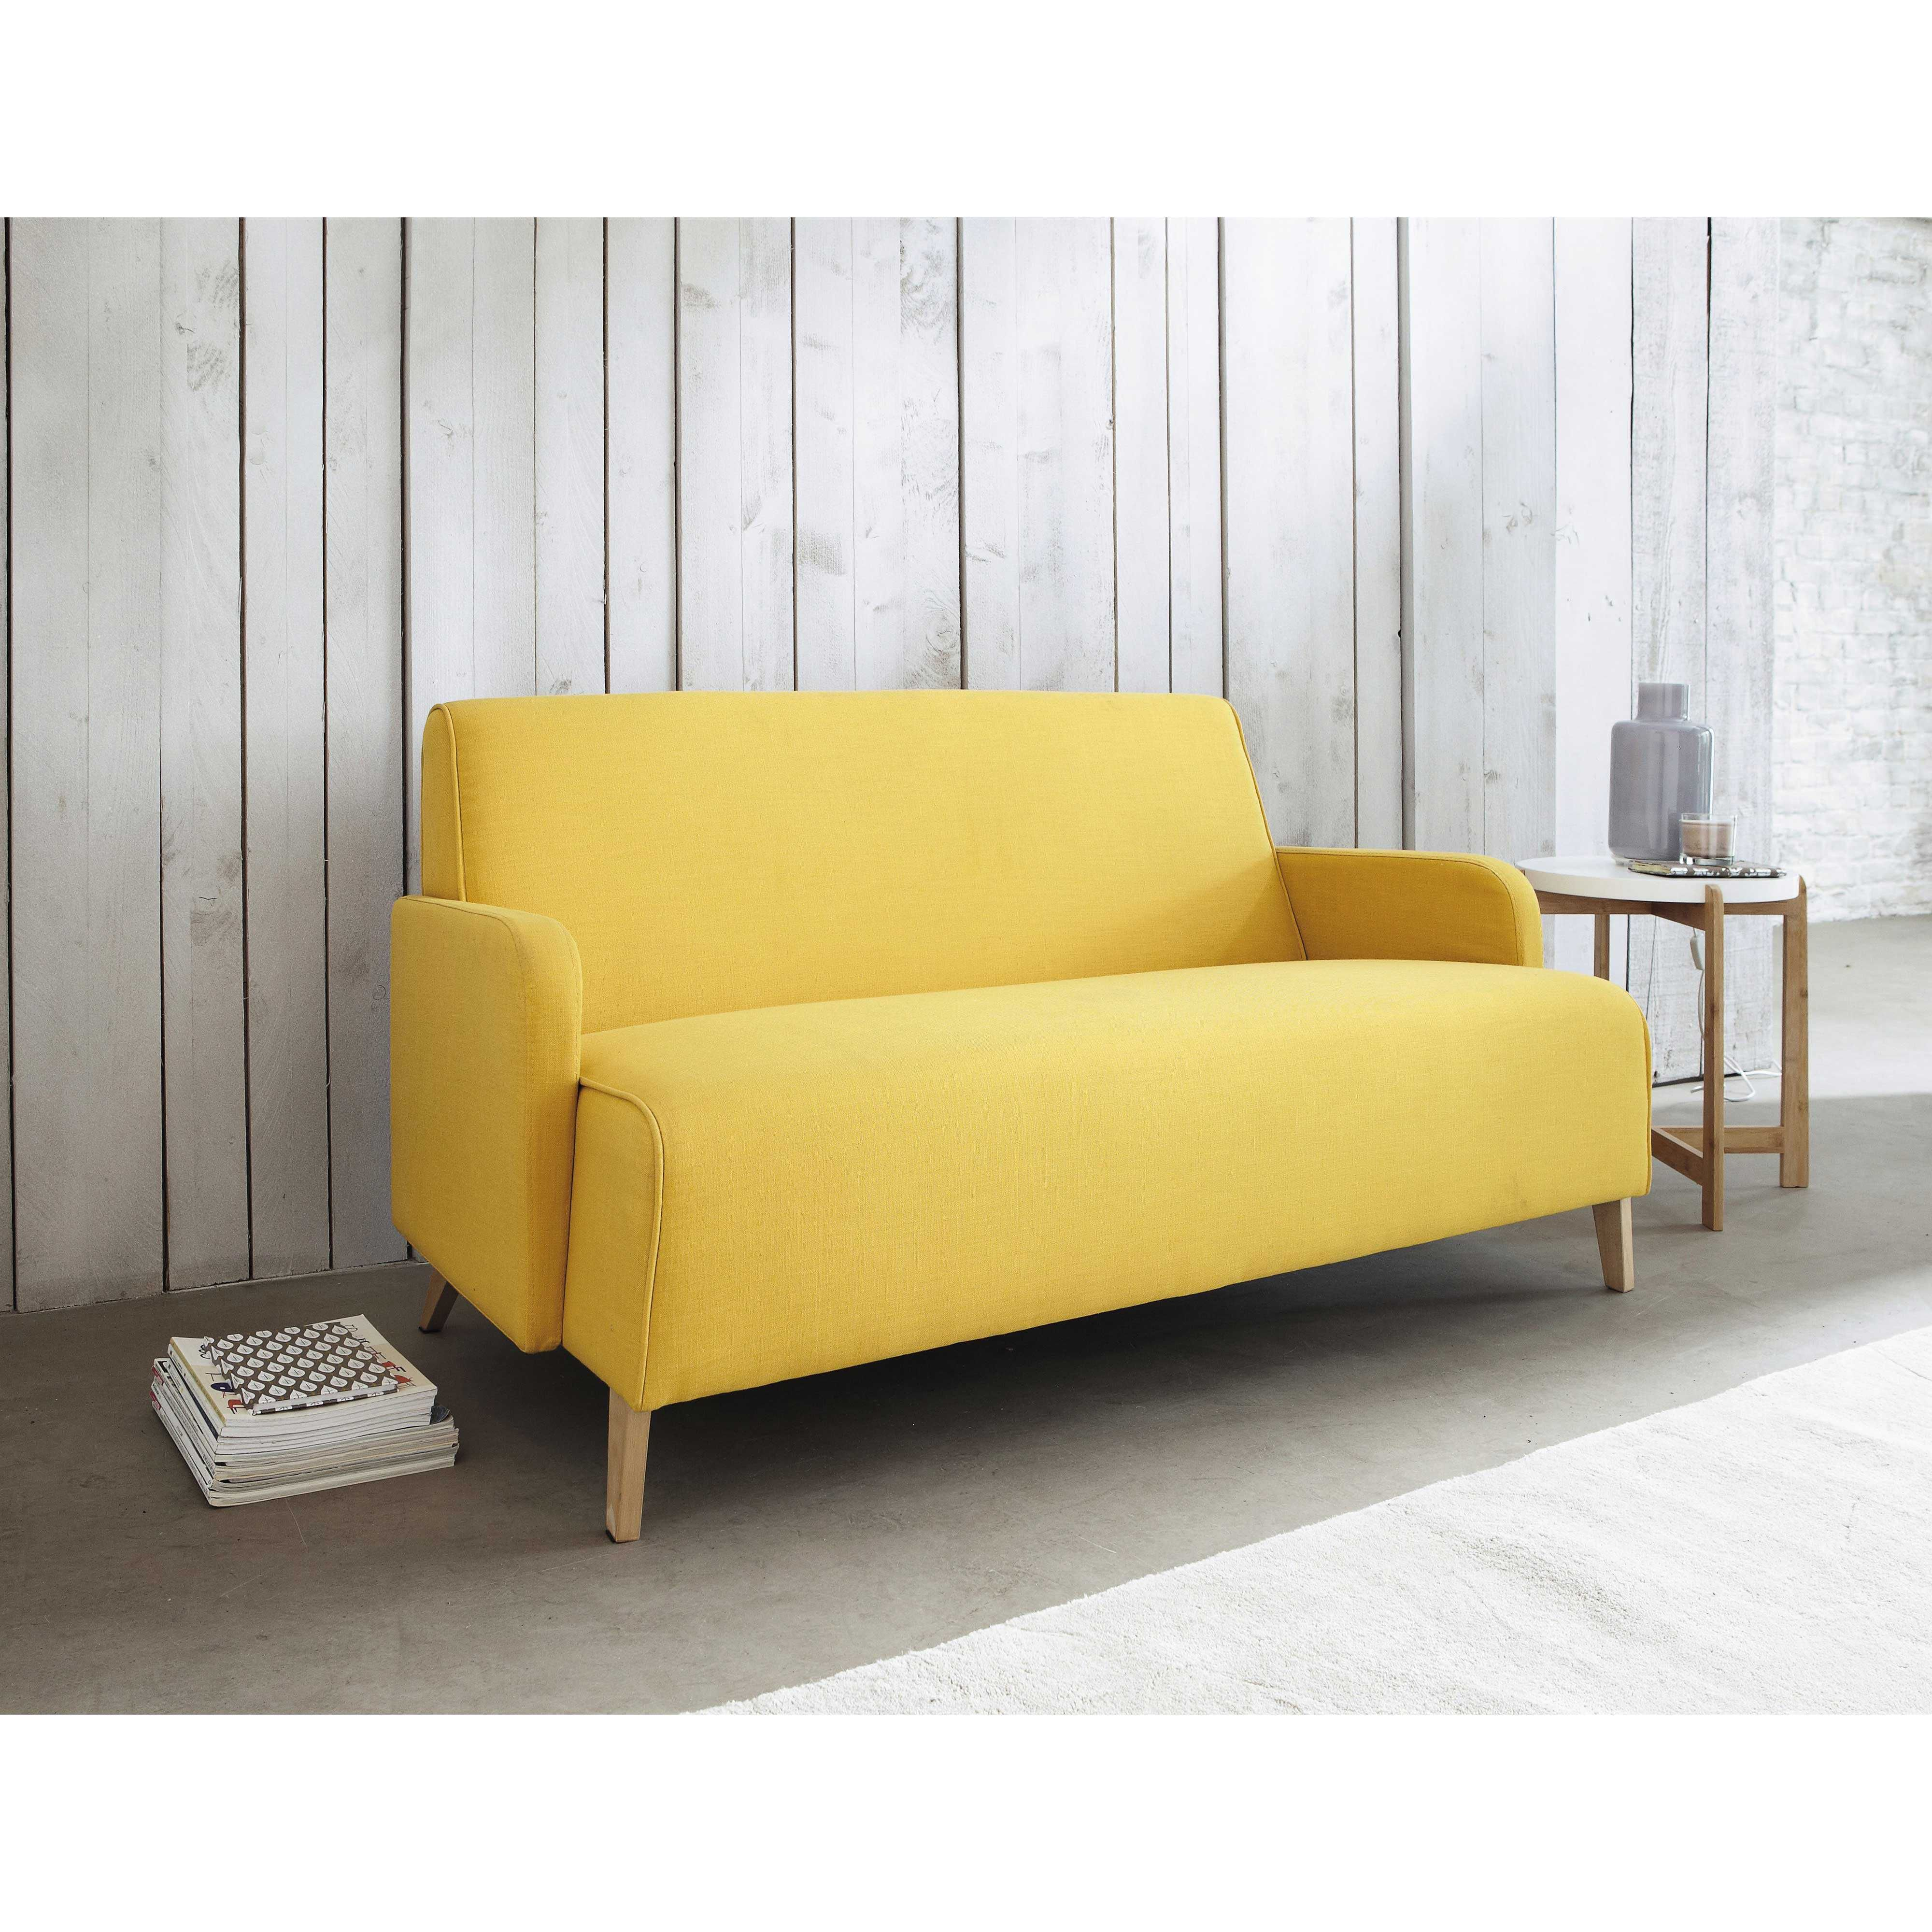 canapé 2 places en tissu jaune adam | maisons du monde | mdm ... - Chaise Tulipe Maison Du Monde 2